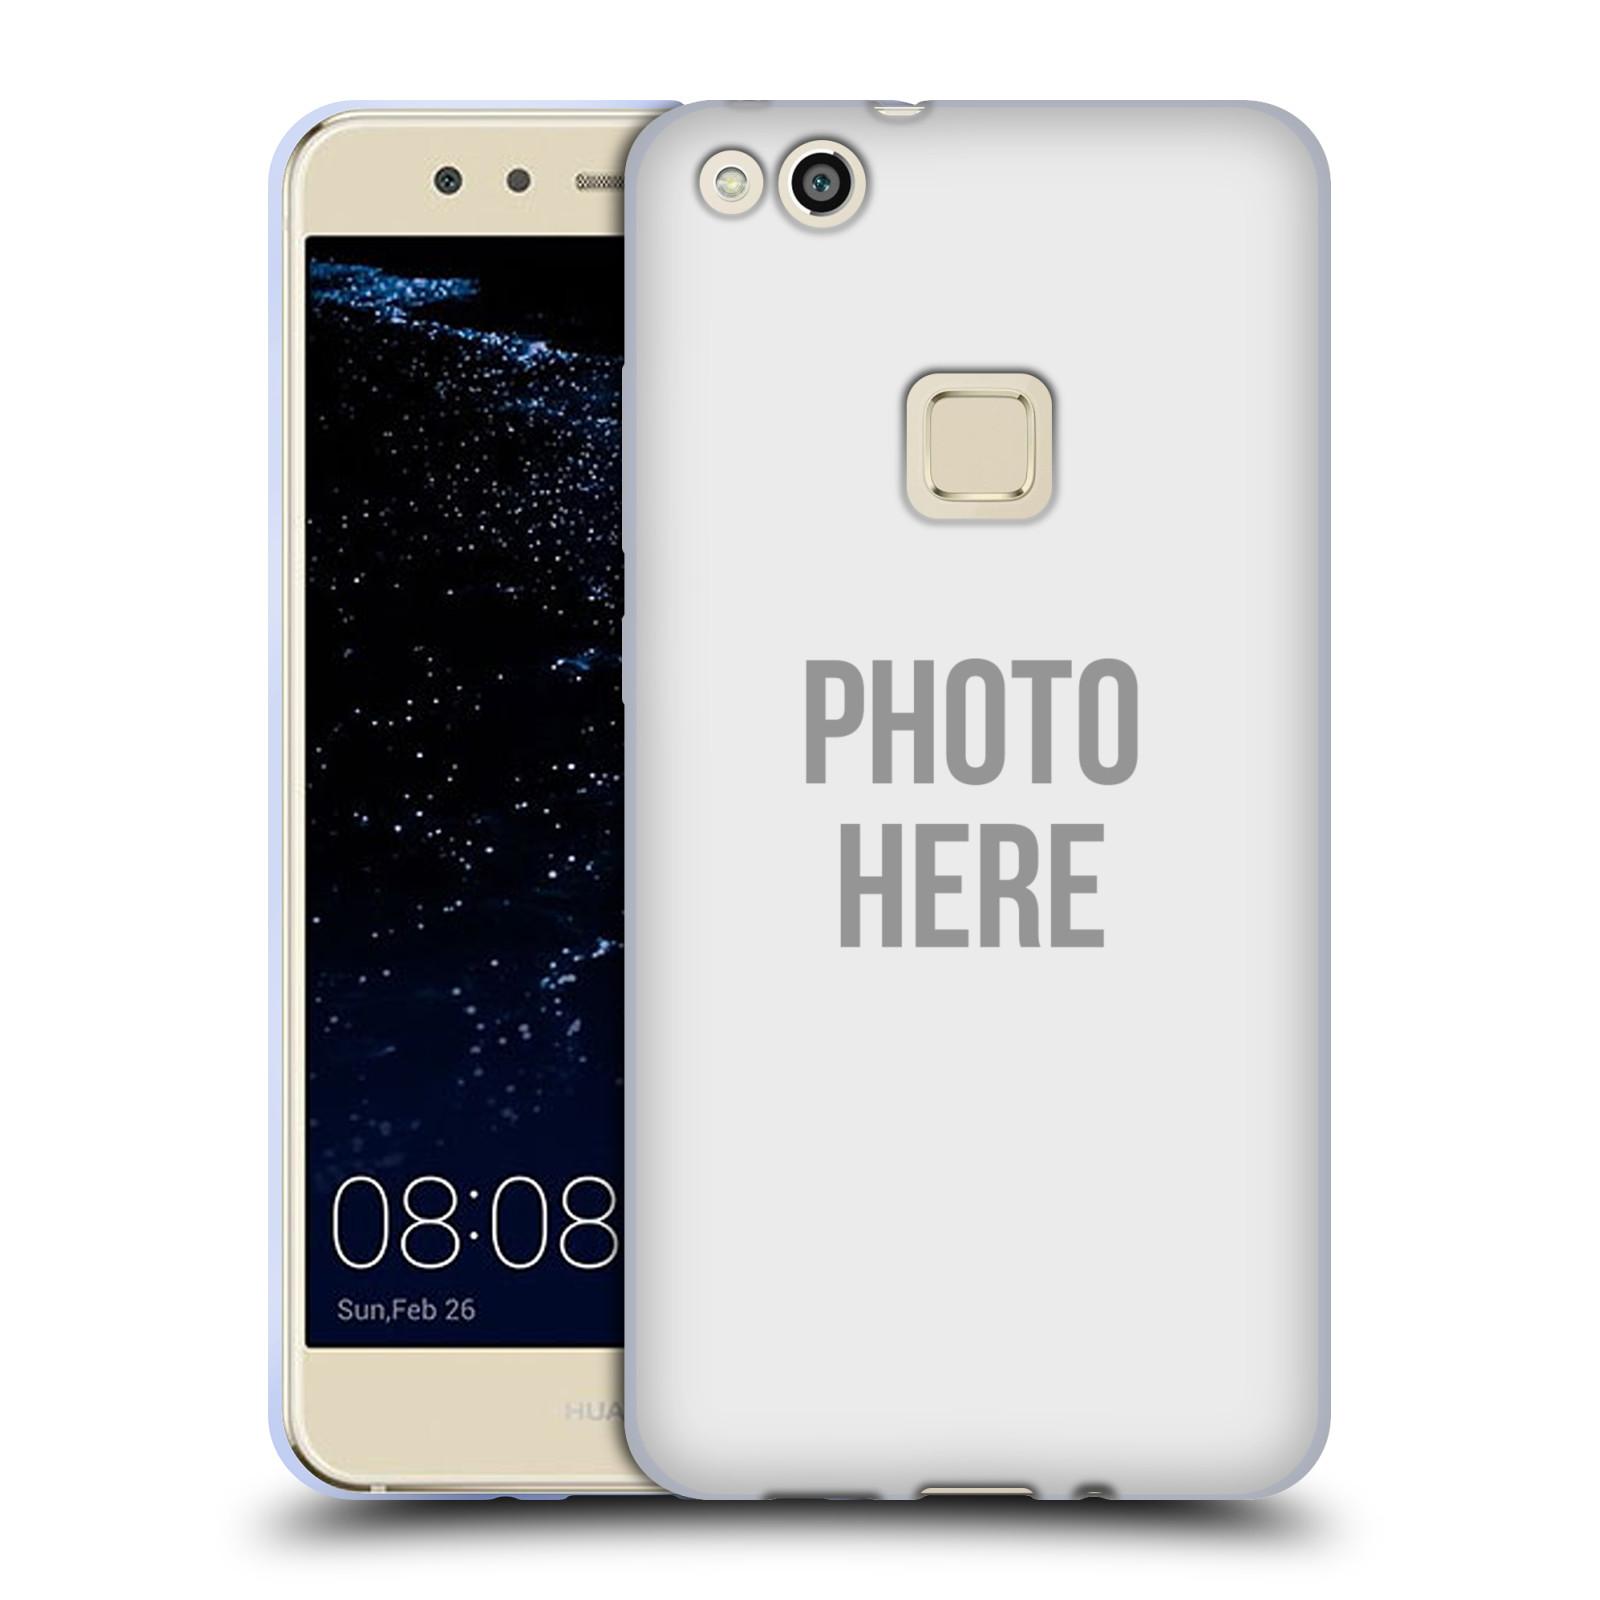 Silikonové pouzdro na mobil Huawei P10 Lite Head Case - s vlastním motivem